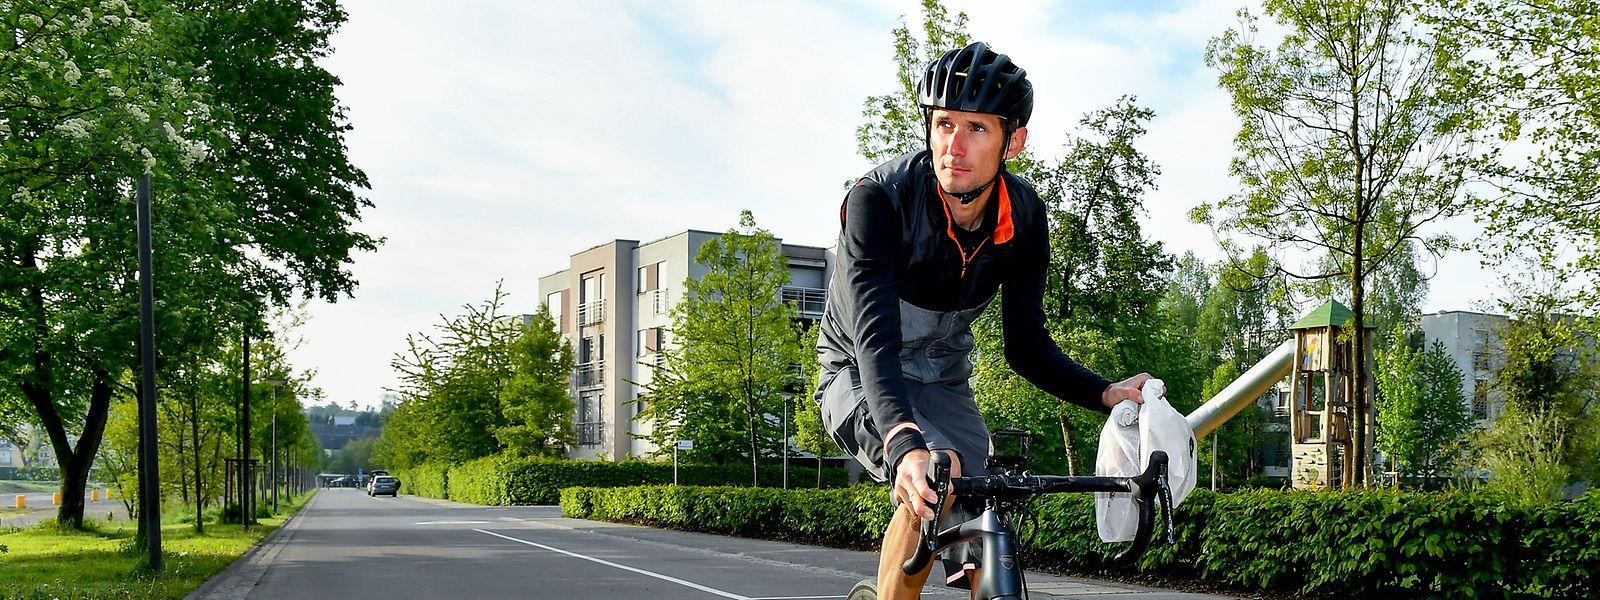 Fränk Schleck sitzt tagtäglich auf dem Fahrrad.